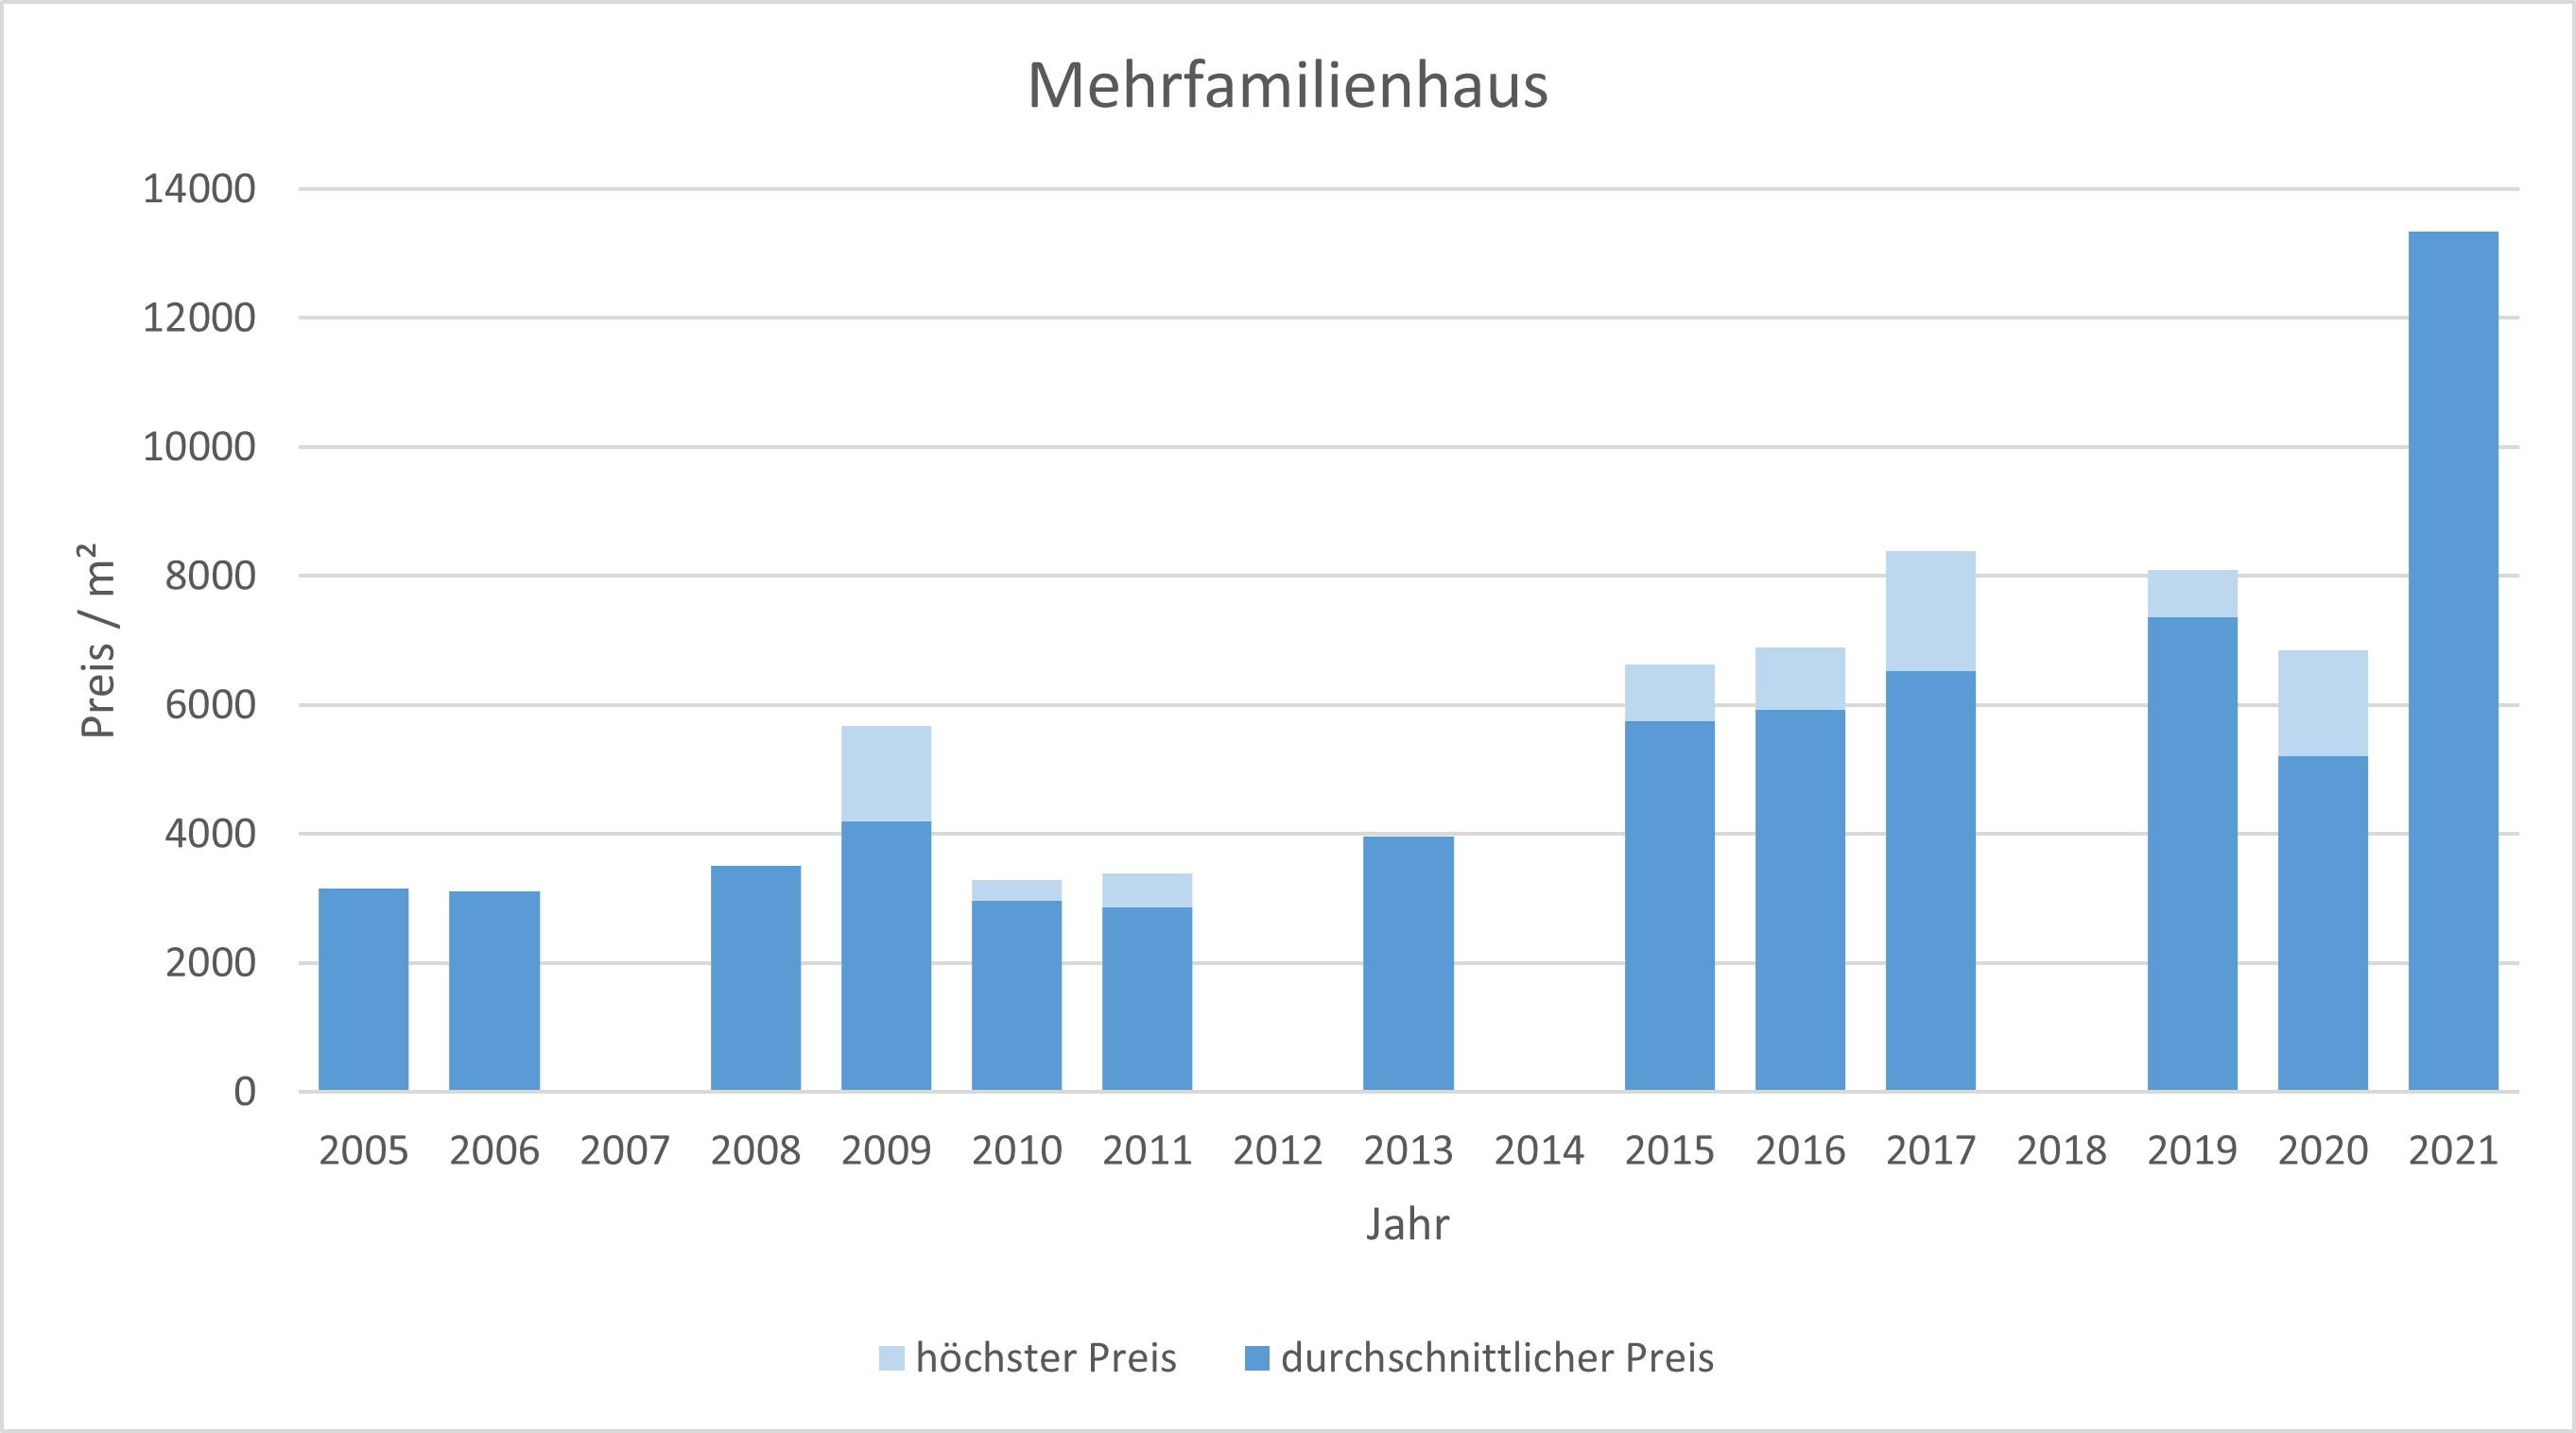 München - Lochhausen Mehrfamilien Haus kaufen verkaufen Preis Bewertung Makler 2019 2020 2021 www.happy-immo.de